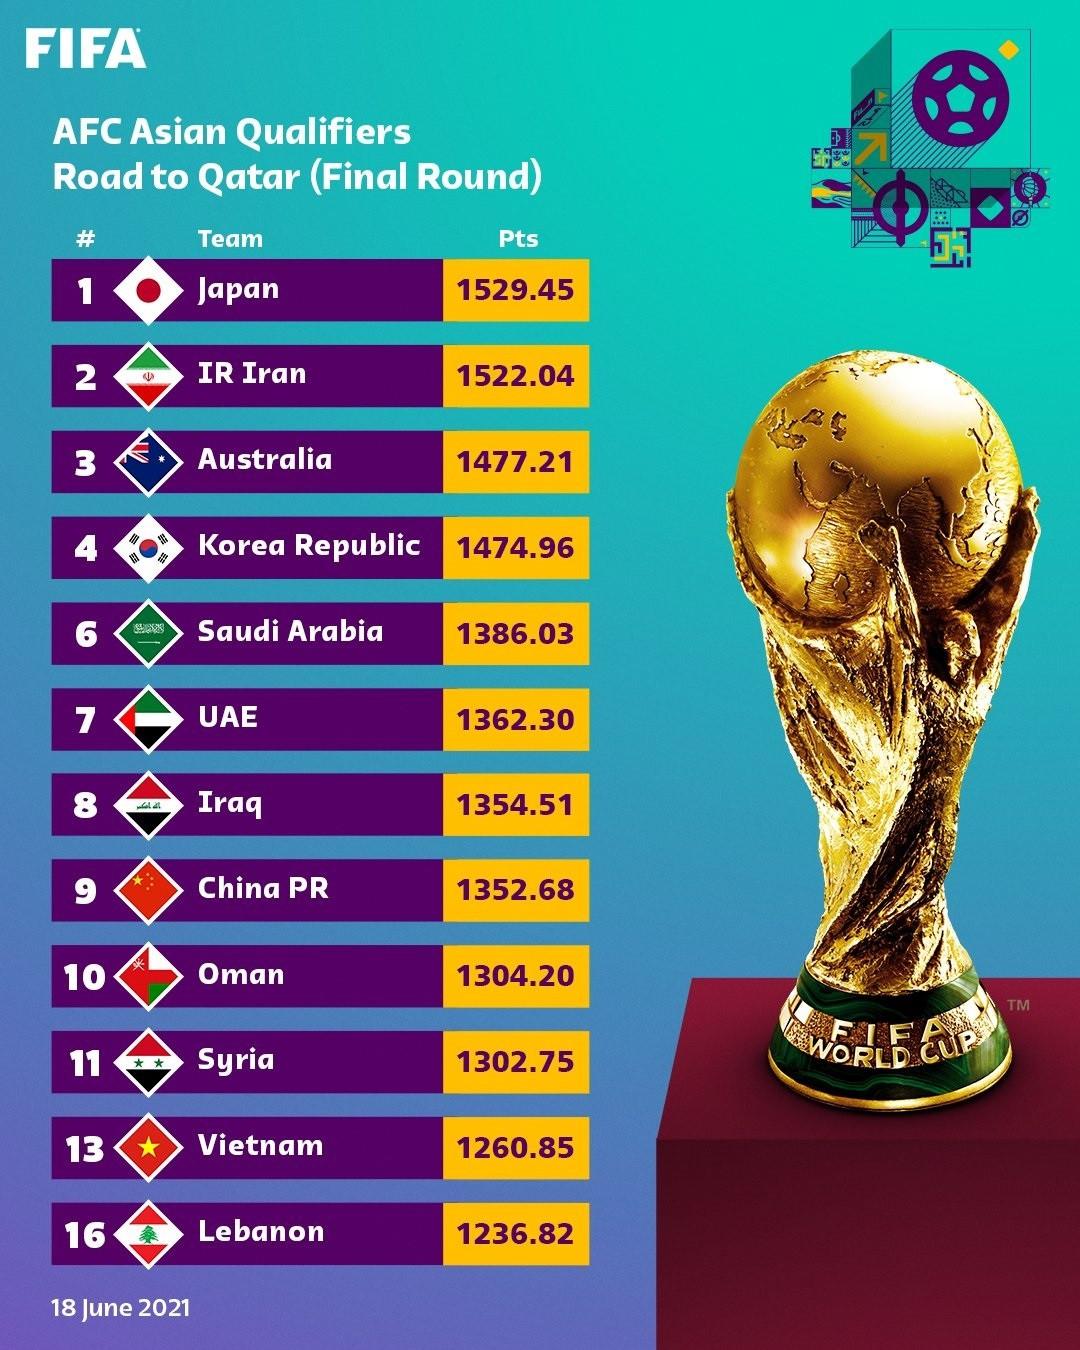 Tuyển Việt Nam đứng ở đâu trong bảng xếp hạng đặc biệt của FIFA? - 1